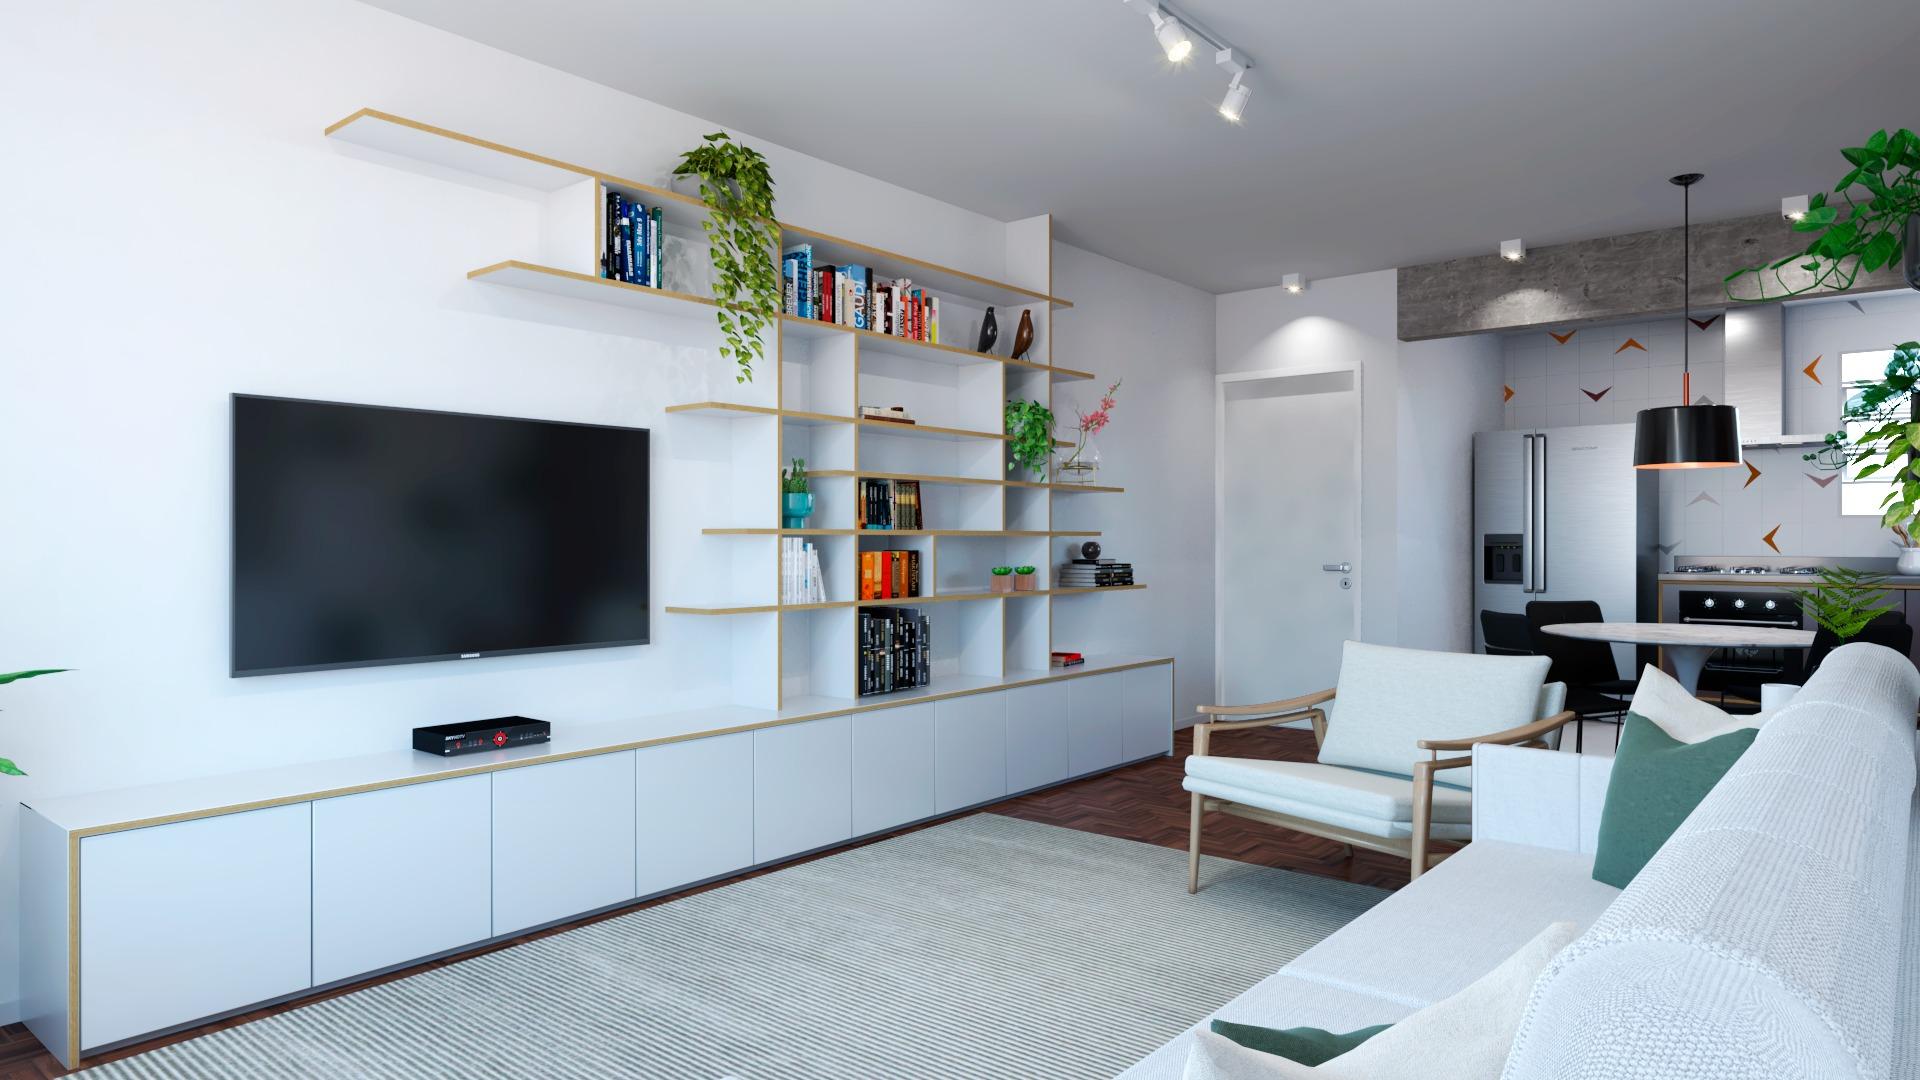 ApartamentoCardoso de Almeida